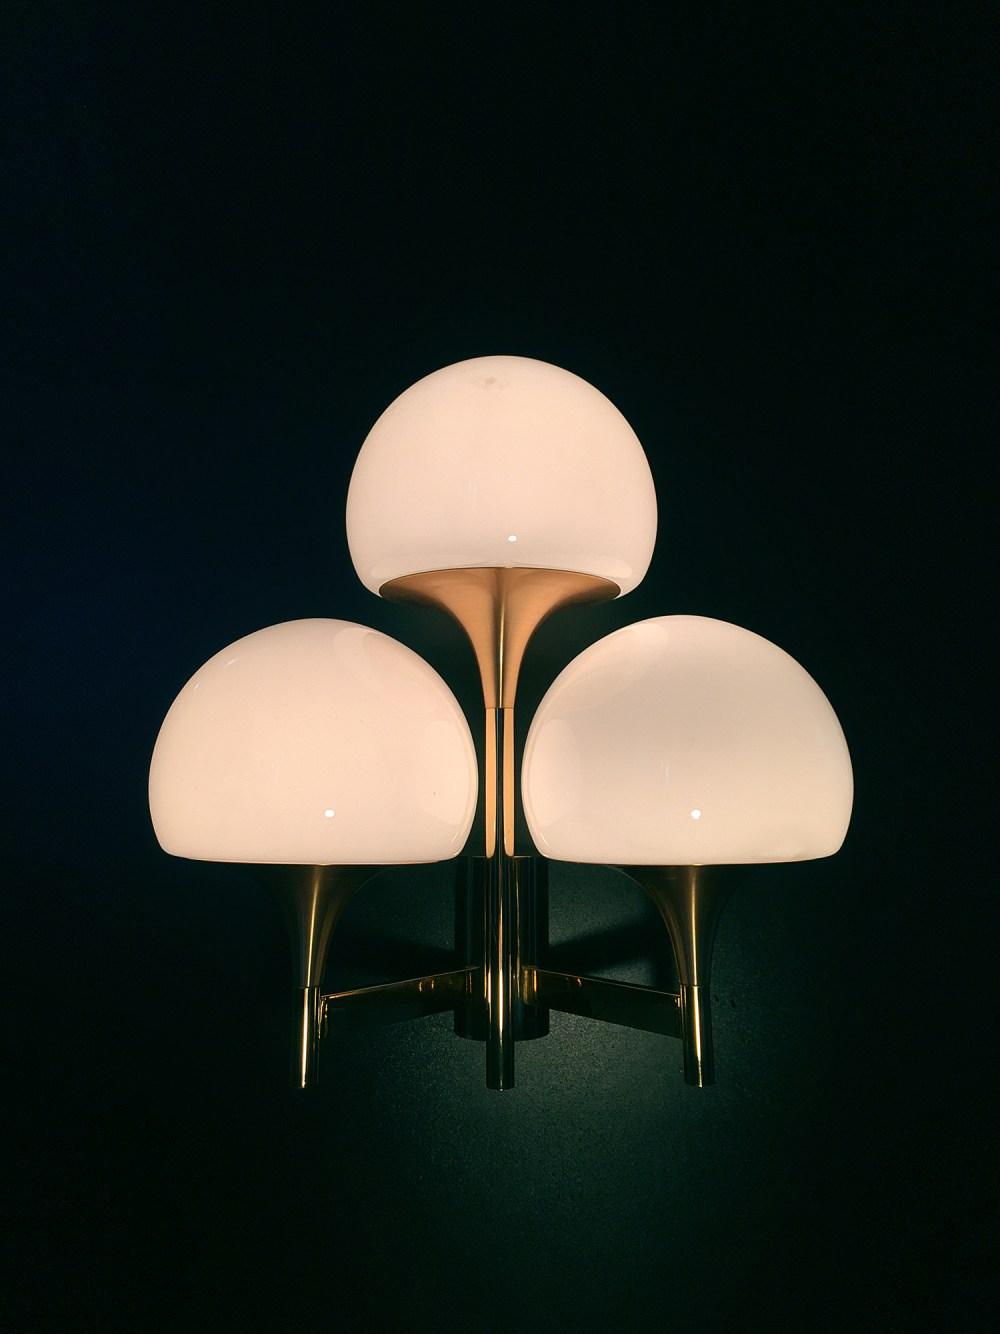 applique gaetano sciolari dorée et oplaines 3 feux en vente chez ltgmood.com galerie de luminaires vintage à paris